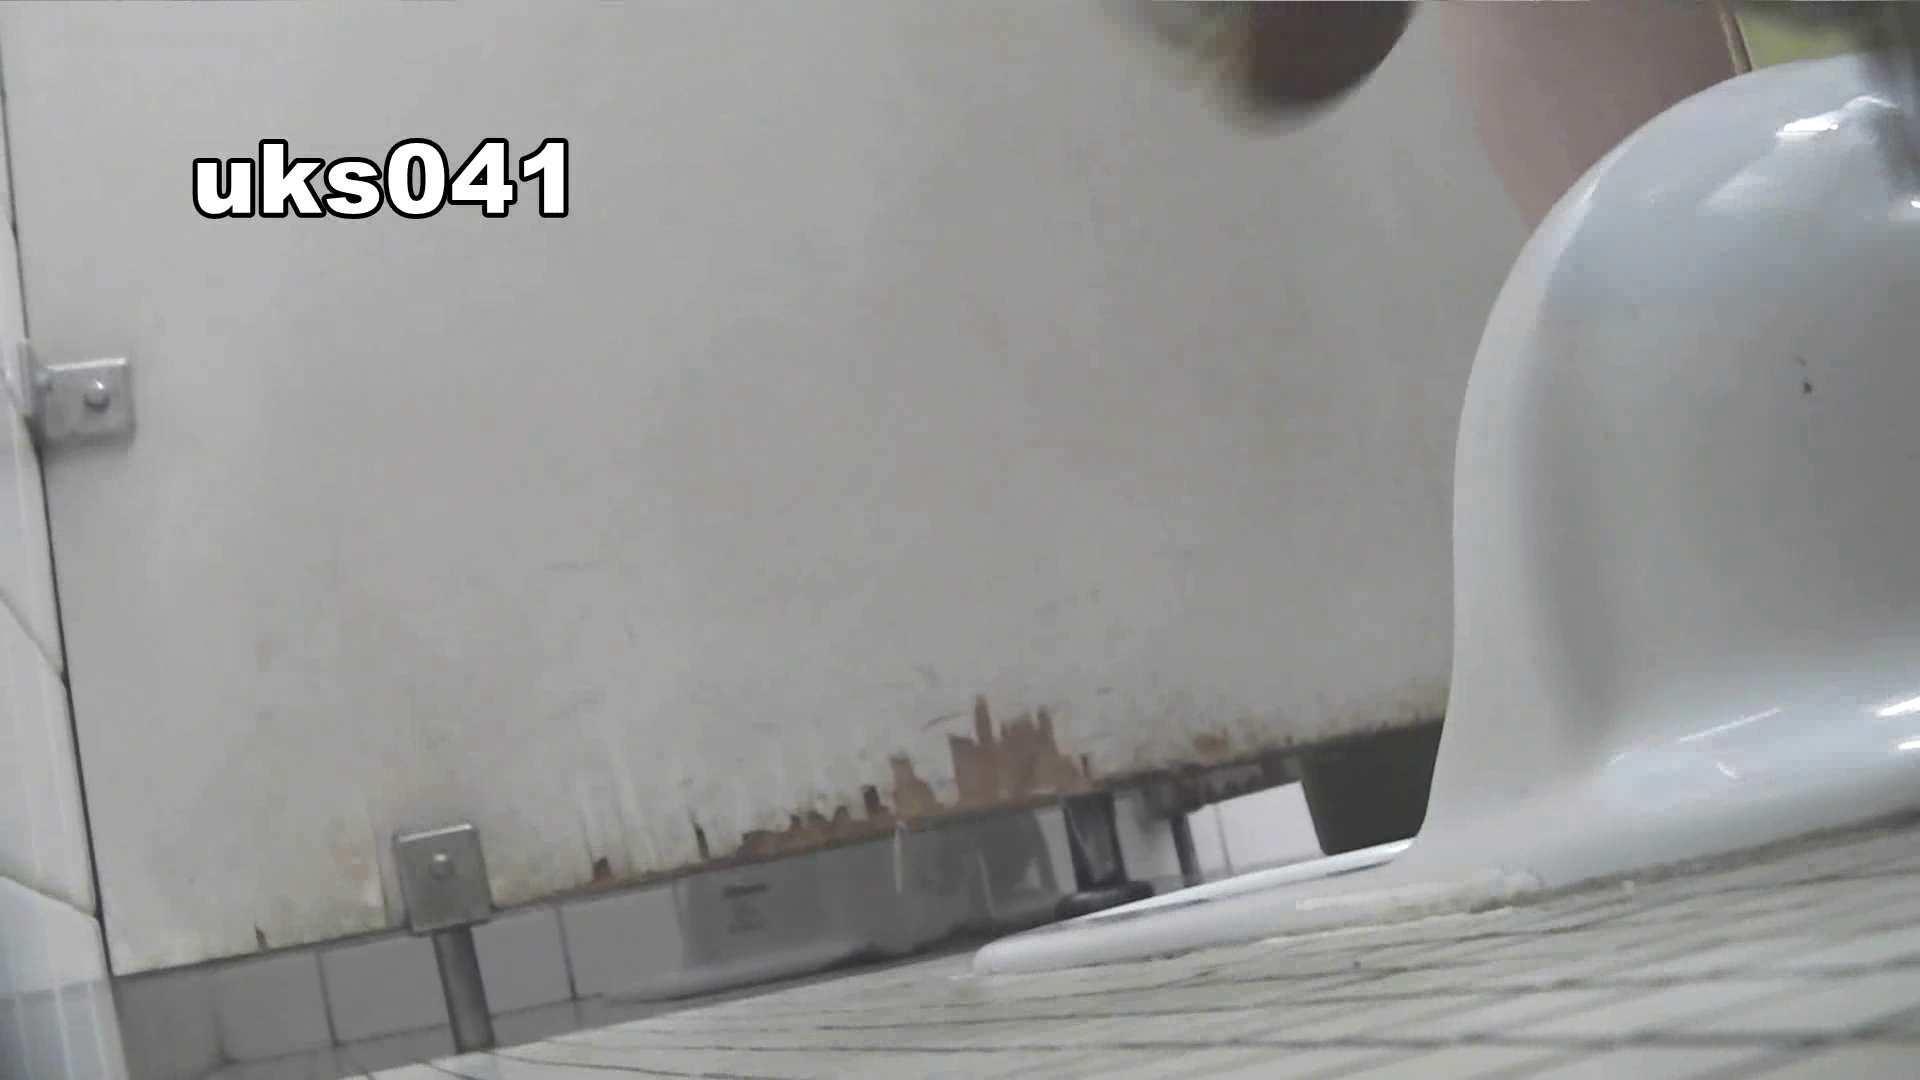 【美しき個室な世界】 vol.041 高評価 エロ画像 106画像 26